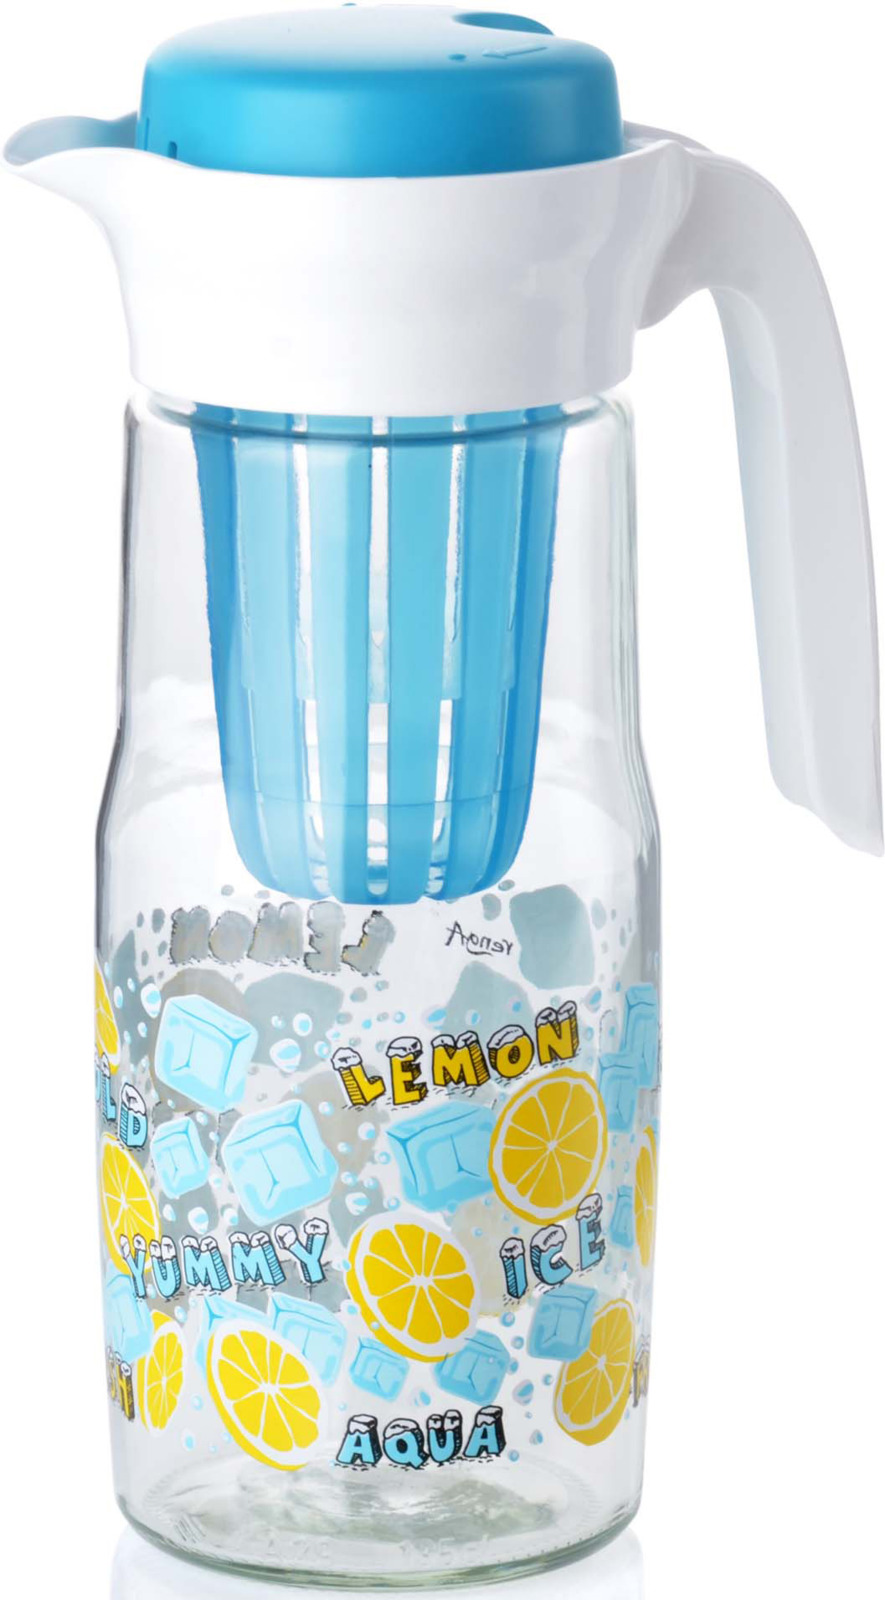 Кувшин Mayer & Boch, выполнен из высококачественного стекла и пластика. Индивидуальный рисунок выполненный на кувшине, придает изыска и оригинальности повседневному предмету. Удобная форма носика и крышка позволяет защитить ваш напиток от попадания излишних запахов в ваш напиток. Подходит для: соков, морсов, компотов и любых интересных для Вас напитков. Кувшин так же имеет удобную ручку, которая упрощает использование его. За счет гладкой поверхности, изделие легко мыть. Подходит для мытья в посудомоечной машине.